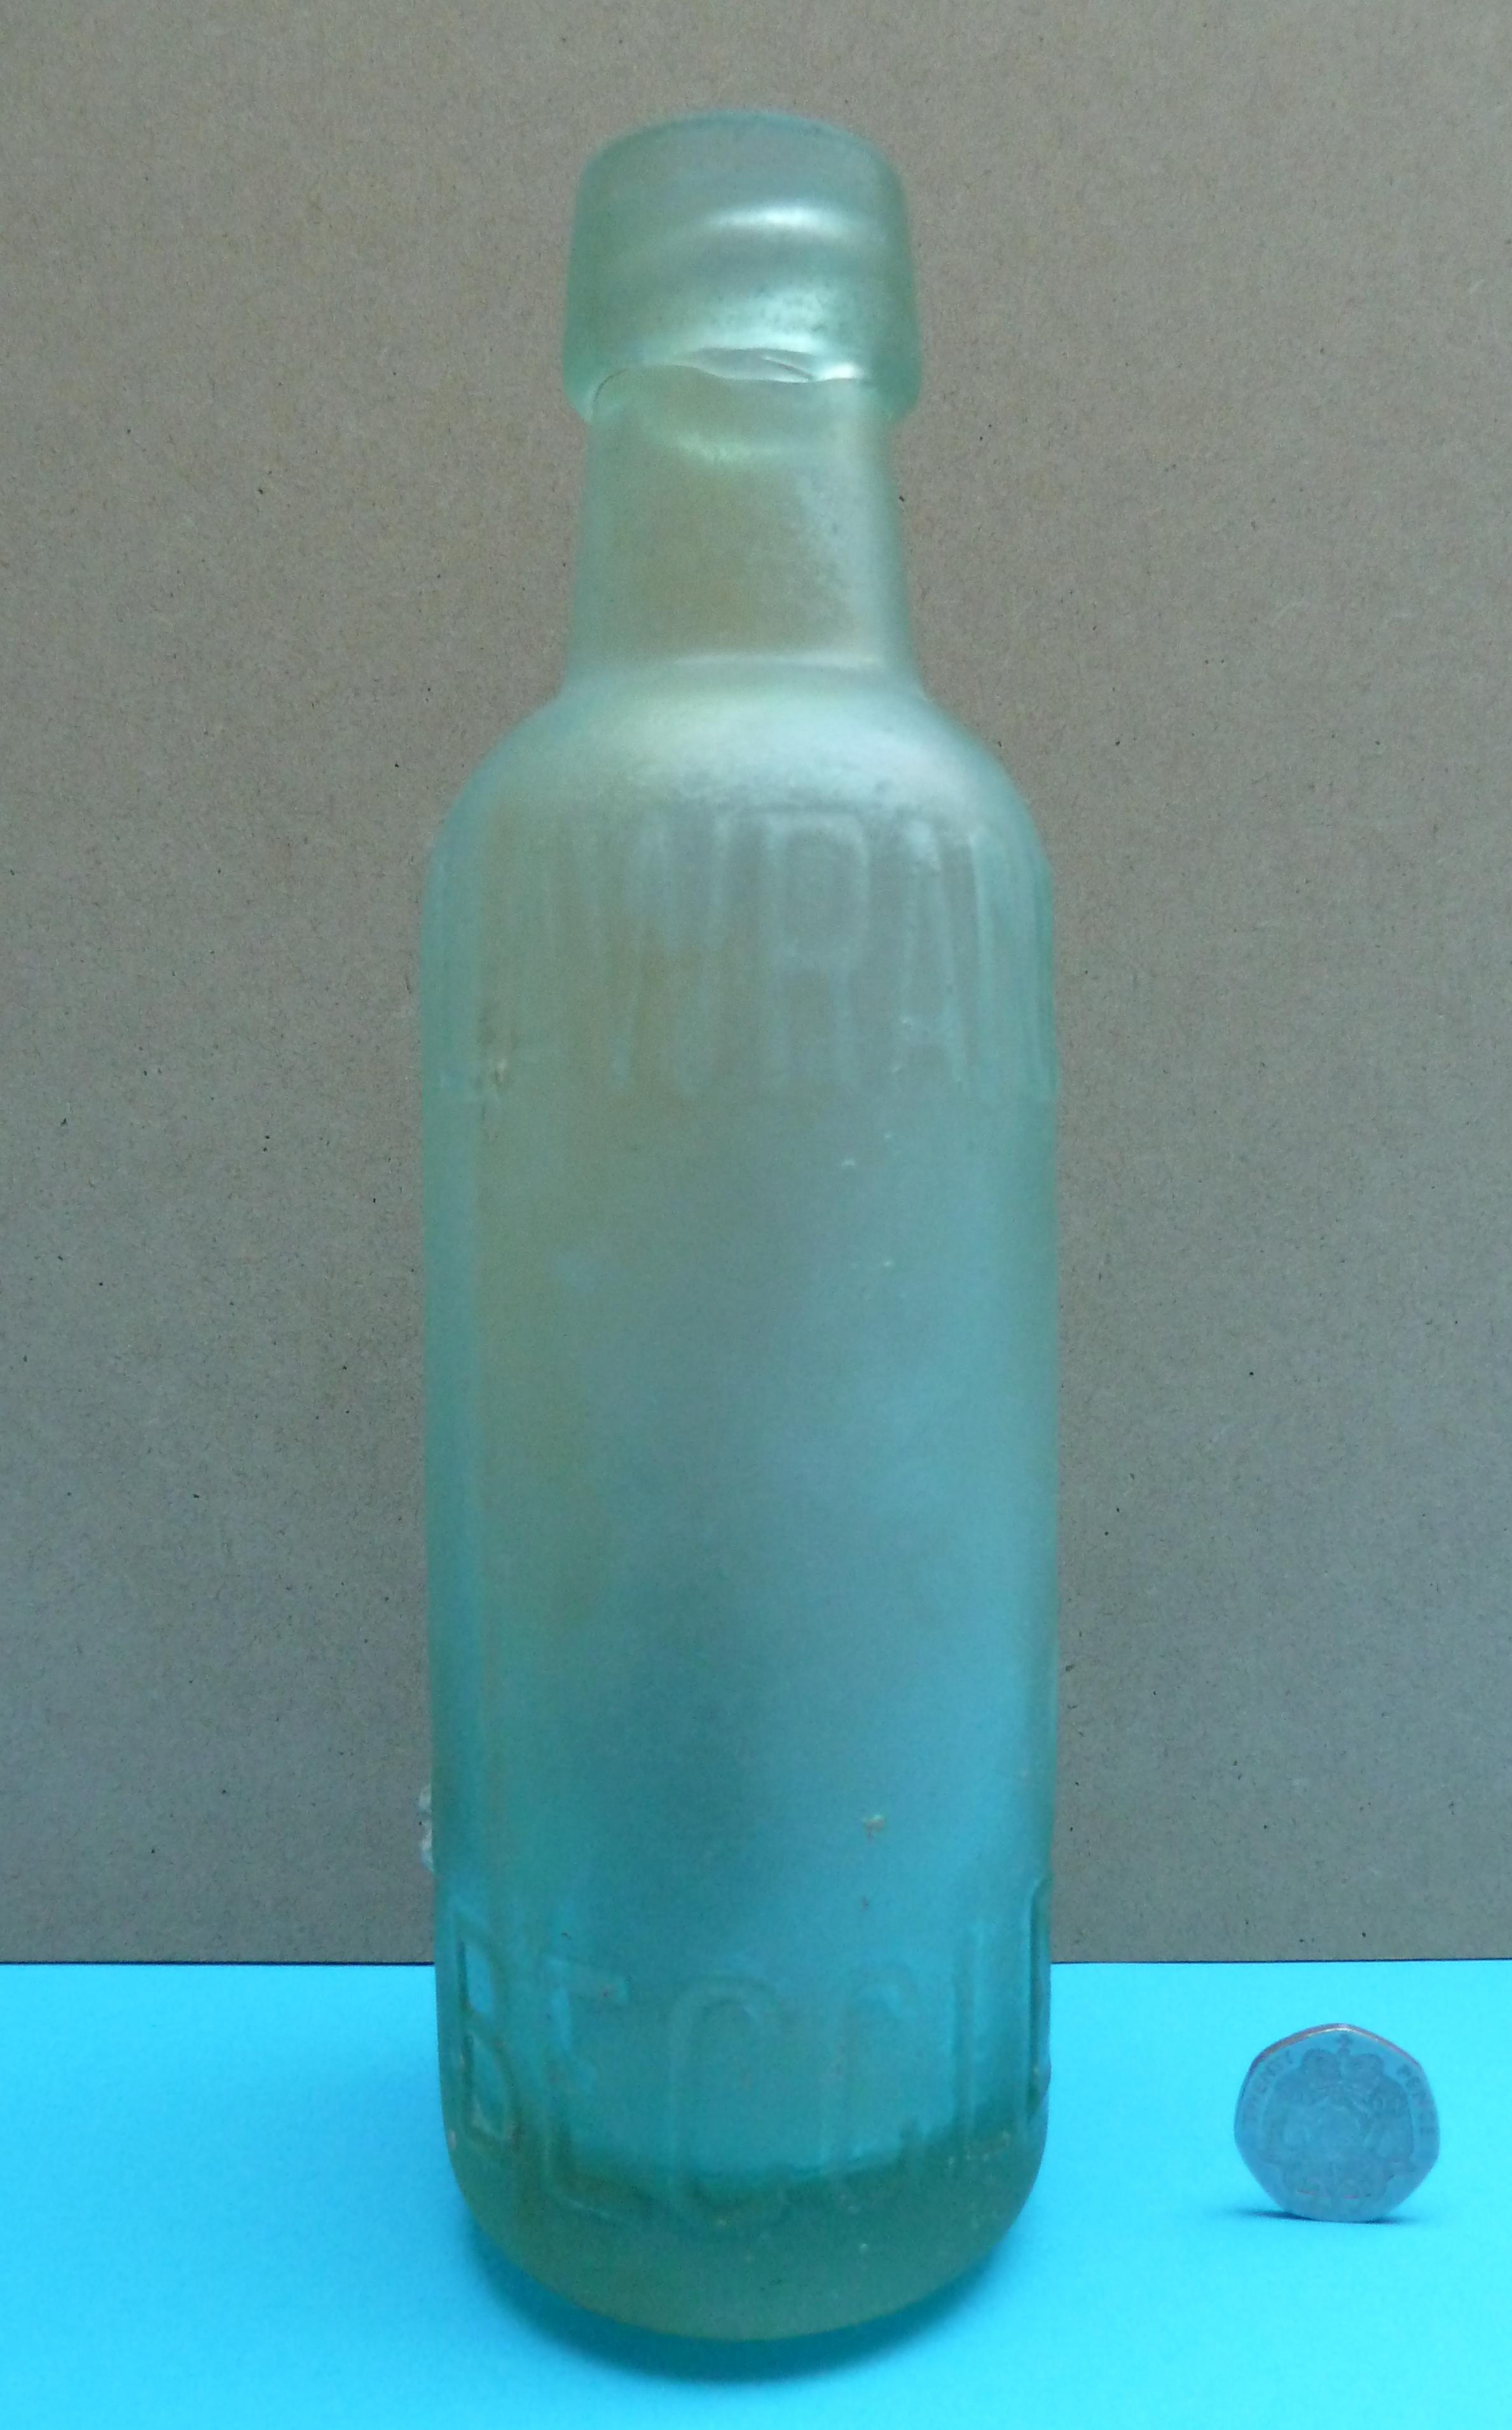 Fizzy Drinks Bottle